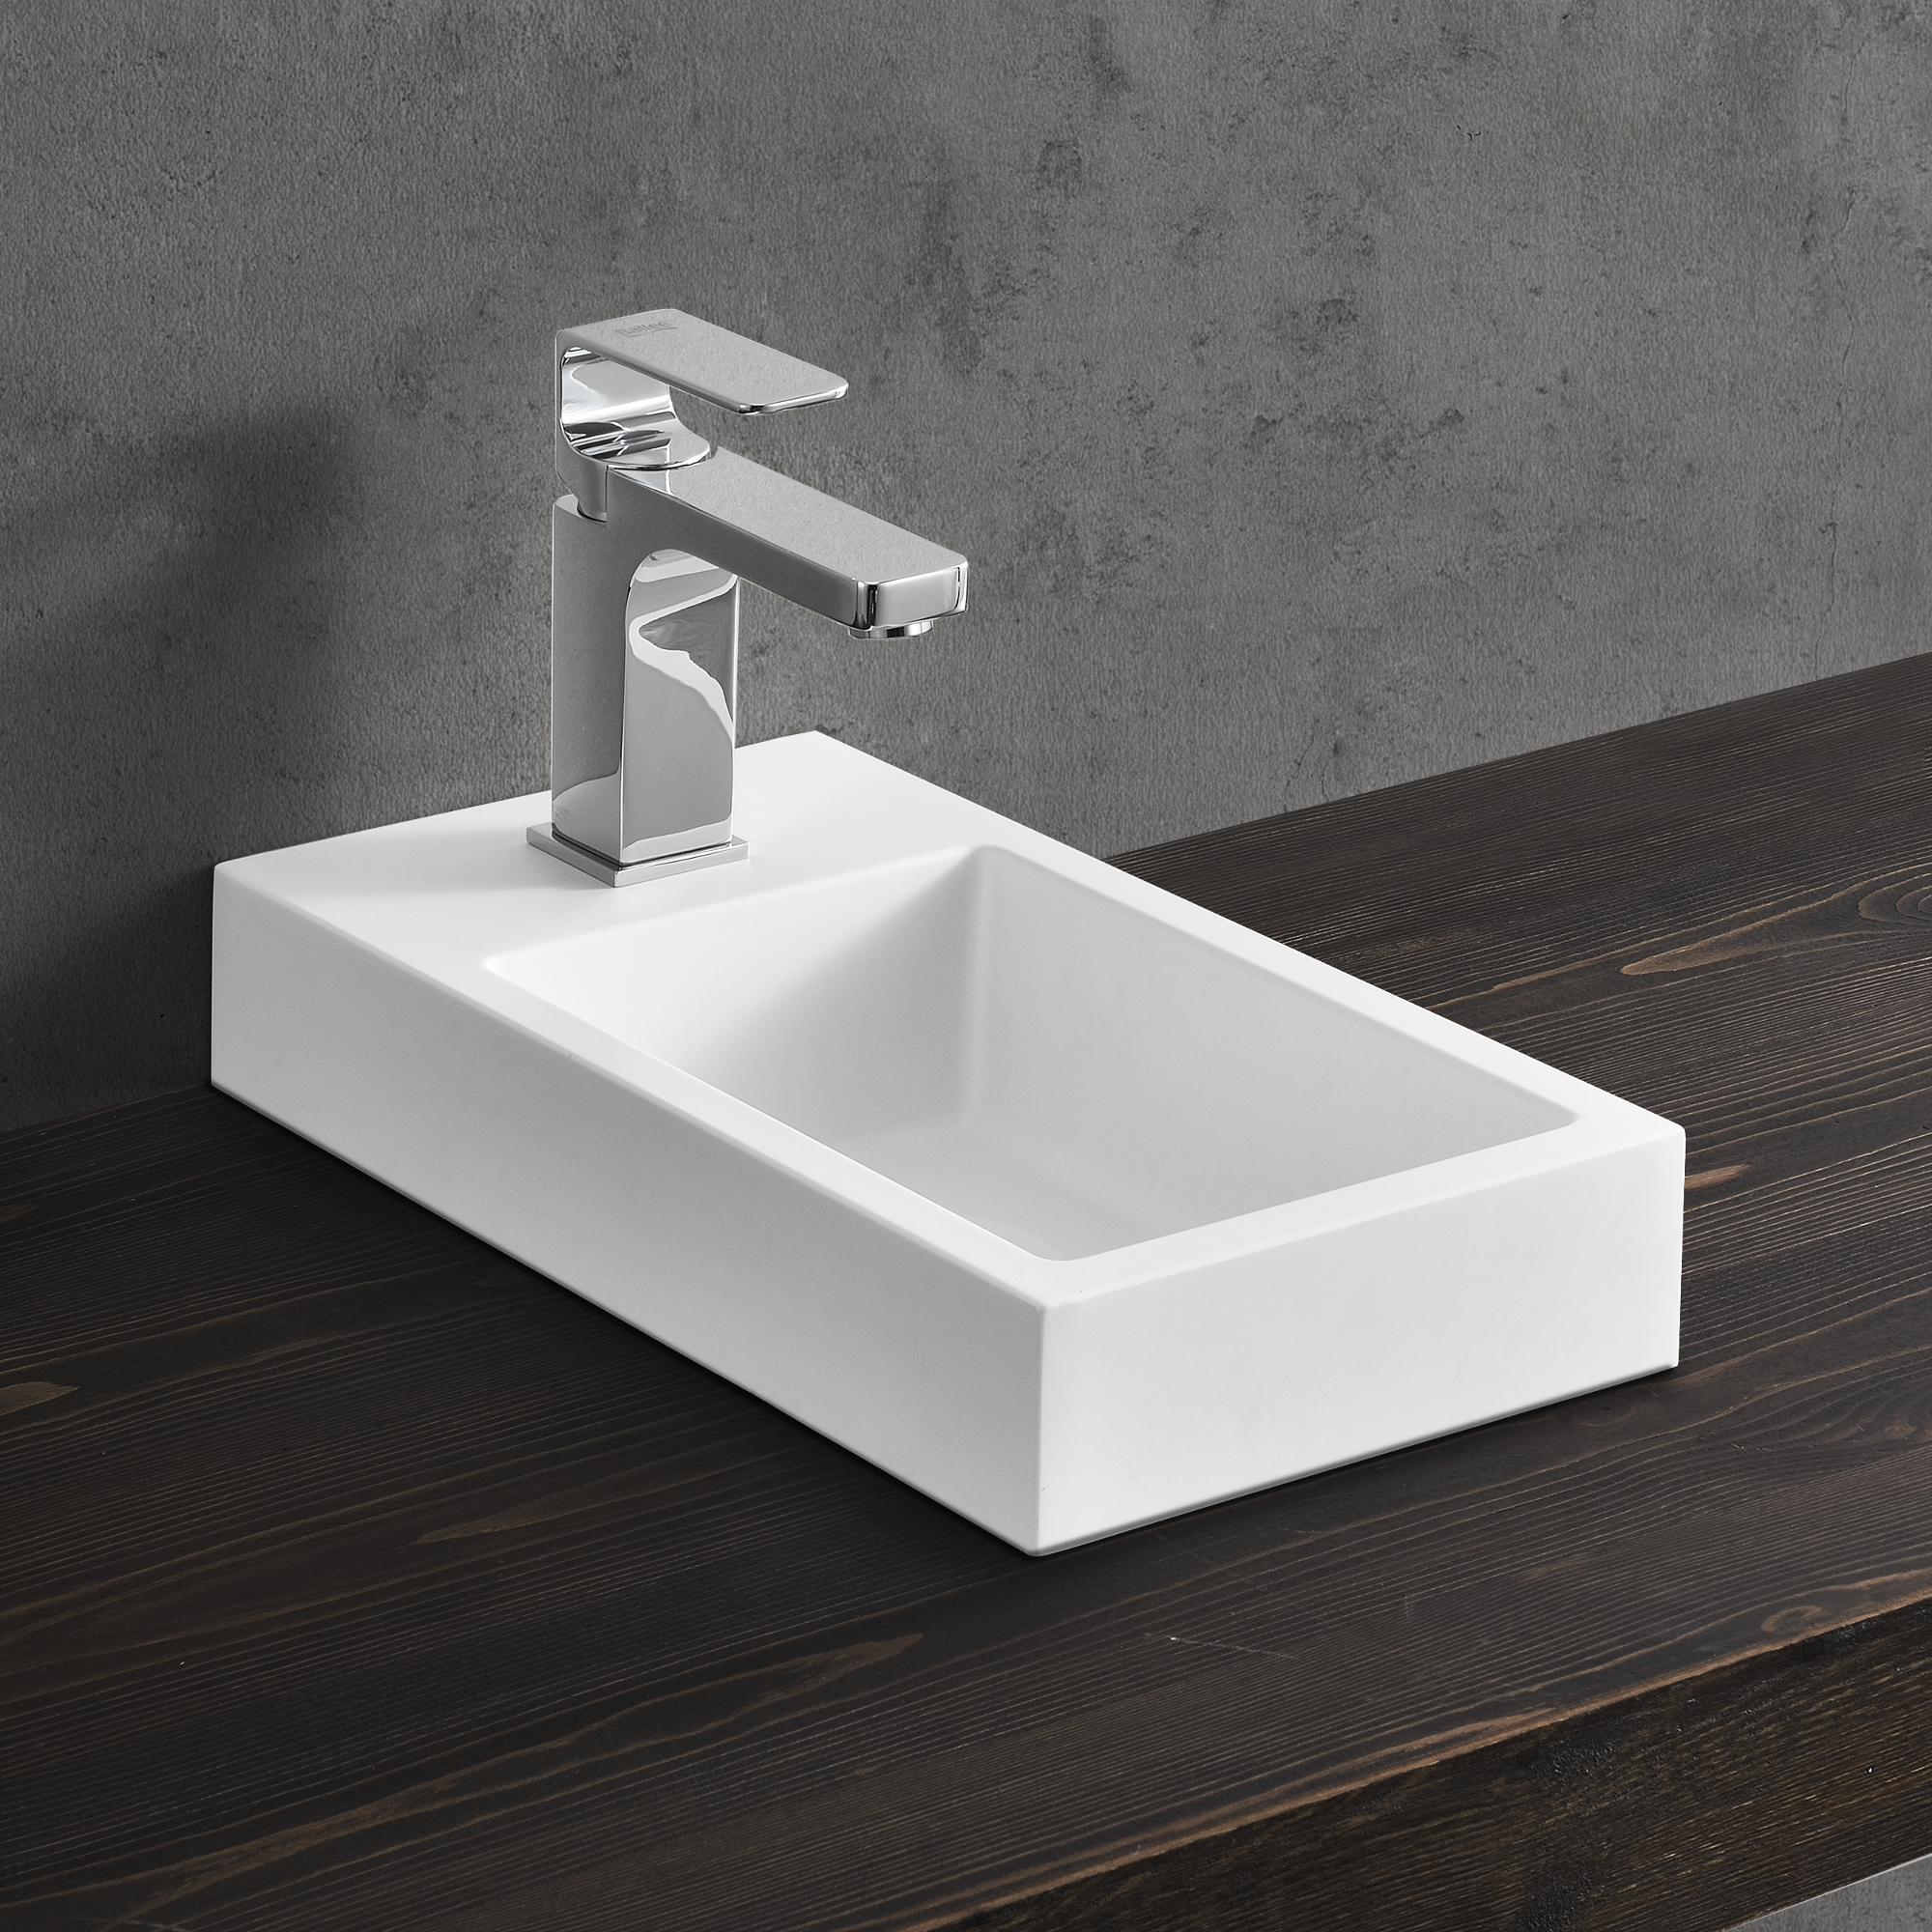 waschbecken wei 40x22cm aufsatzwaschbecken handwaschbecken g ste wc ebay